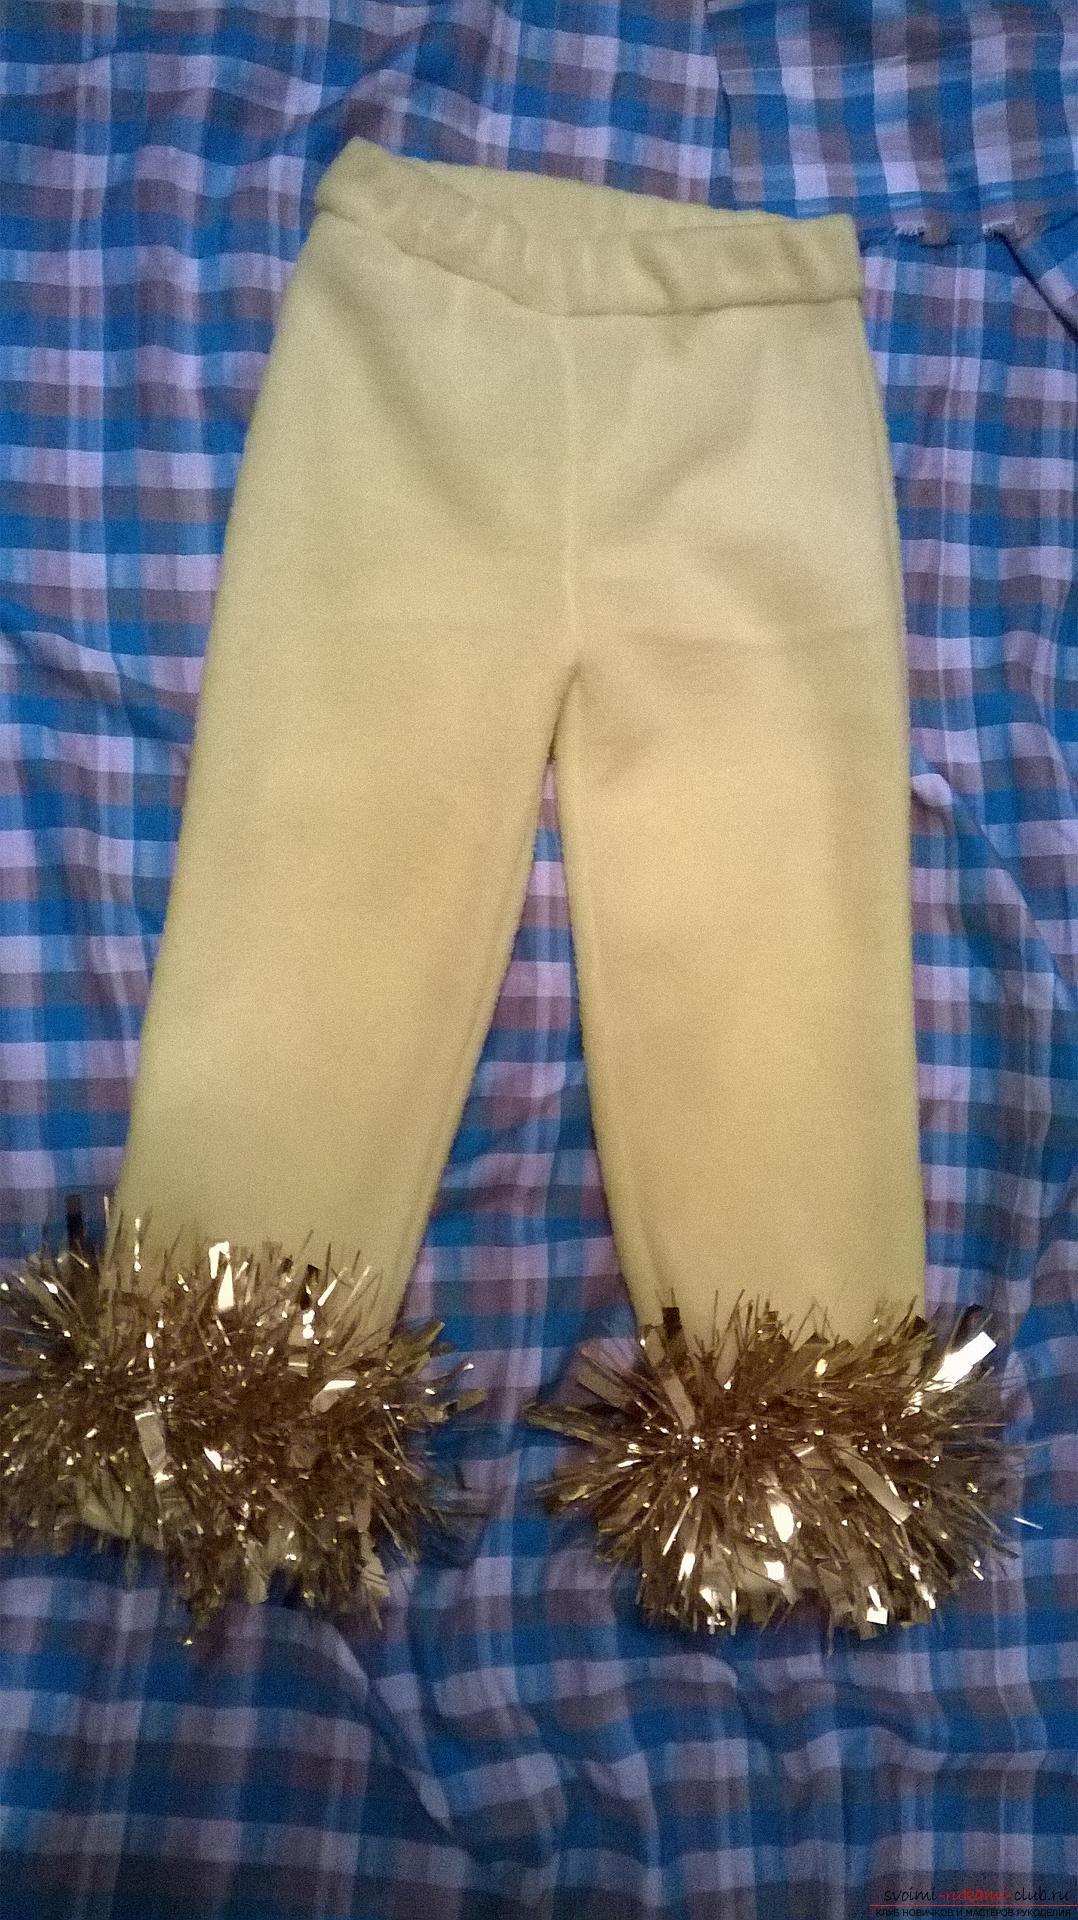 Подробный мастер-класс научит как сшить штаны для ребенка своими руками быстро и просто, без выкройки.. Фото №20